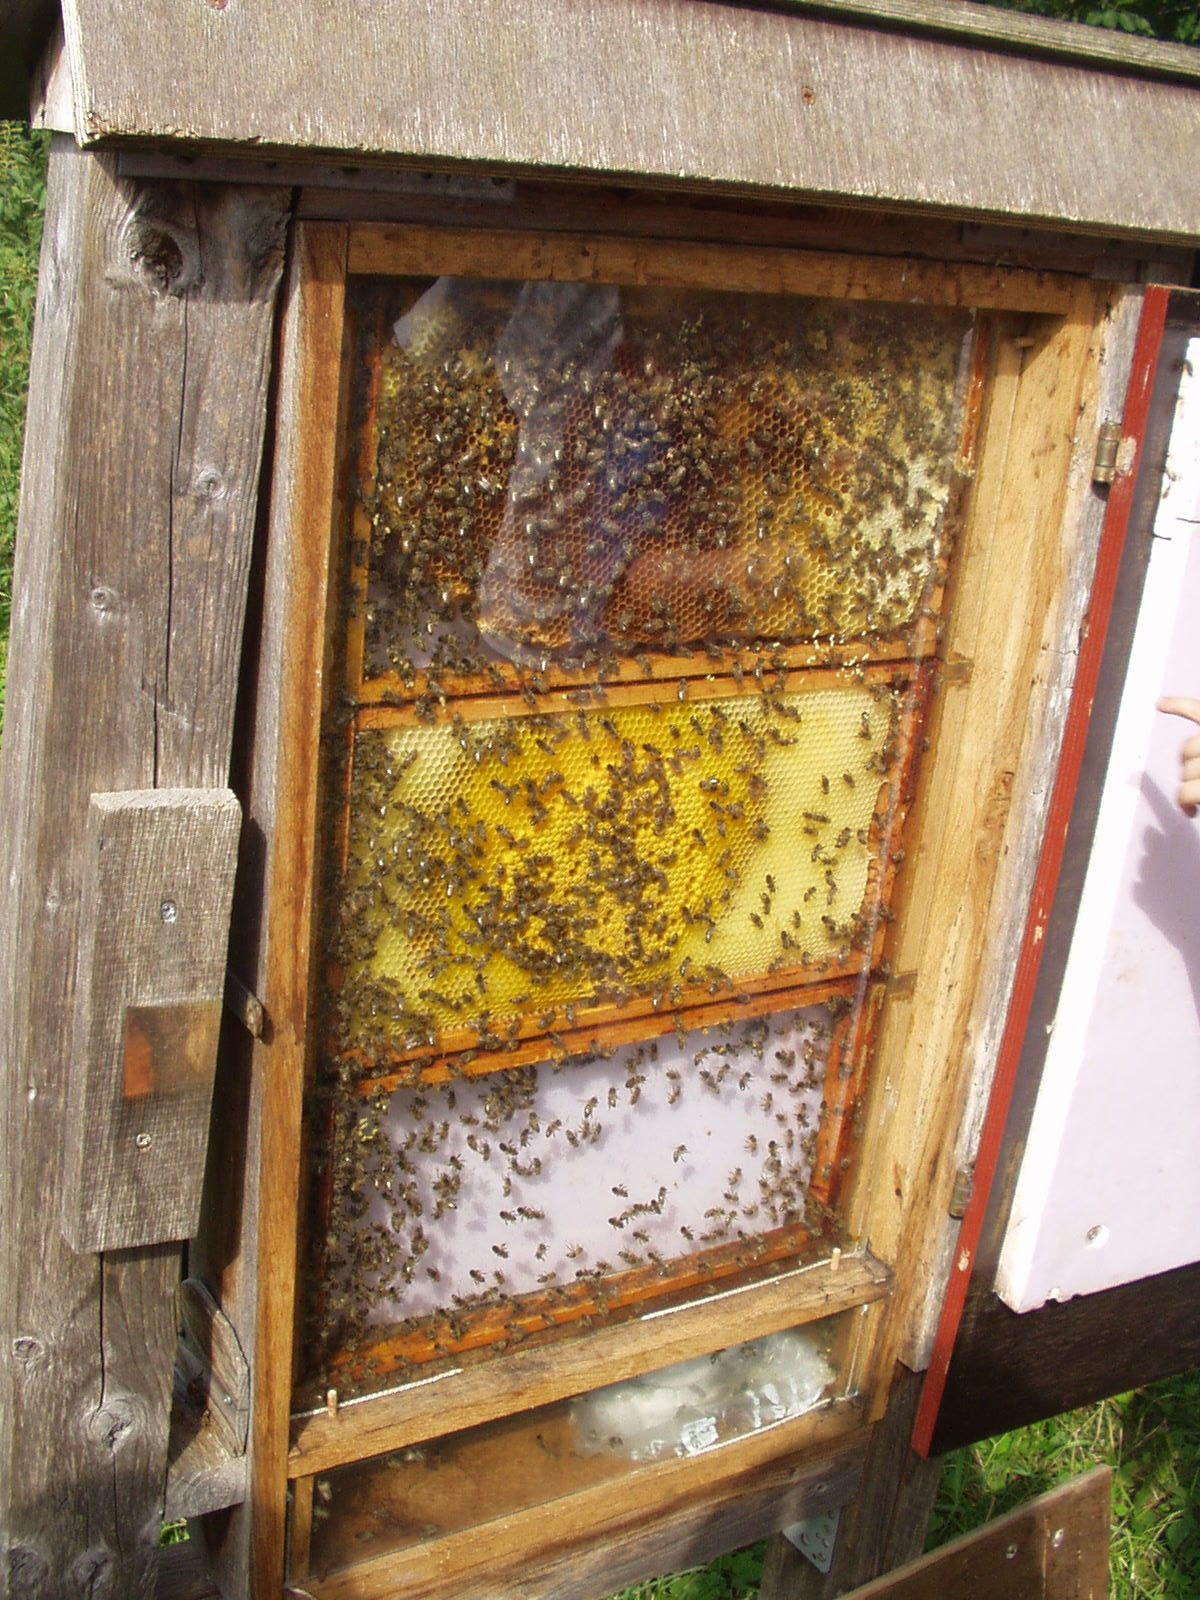 Einblick in Bienenstock